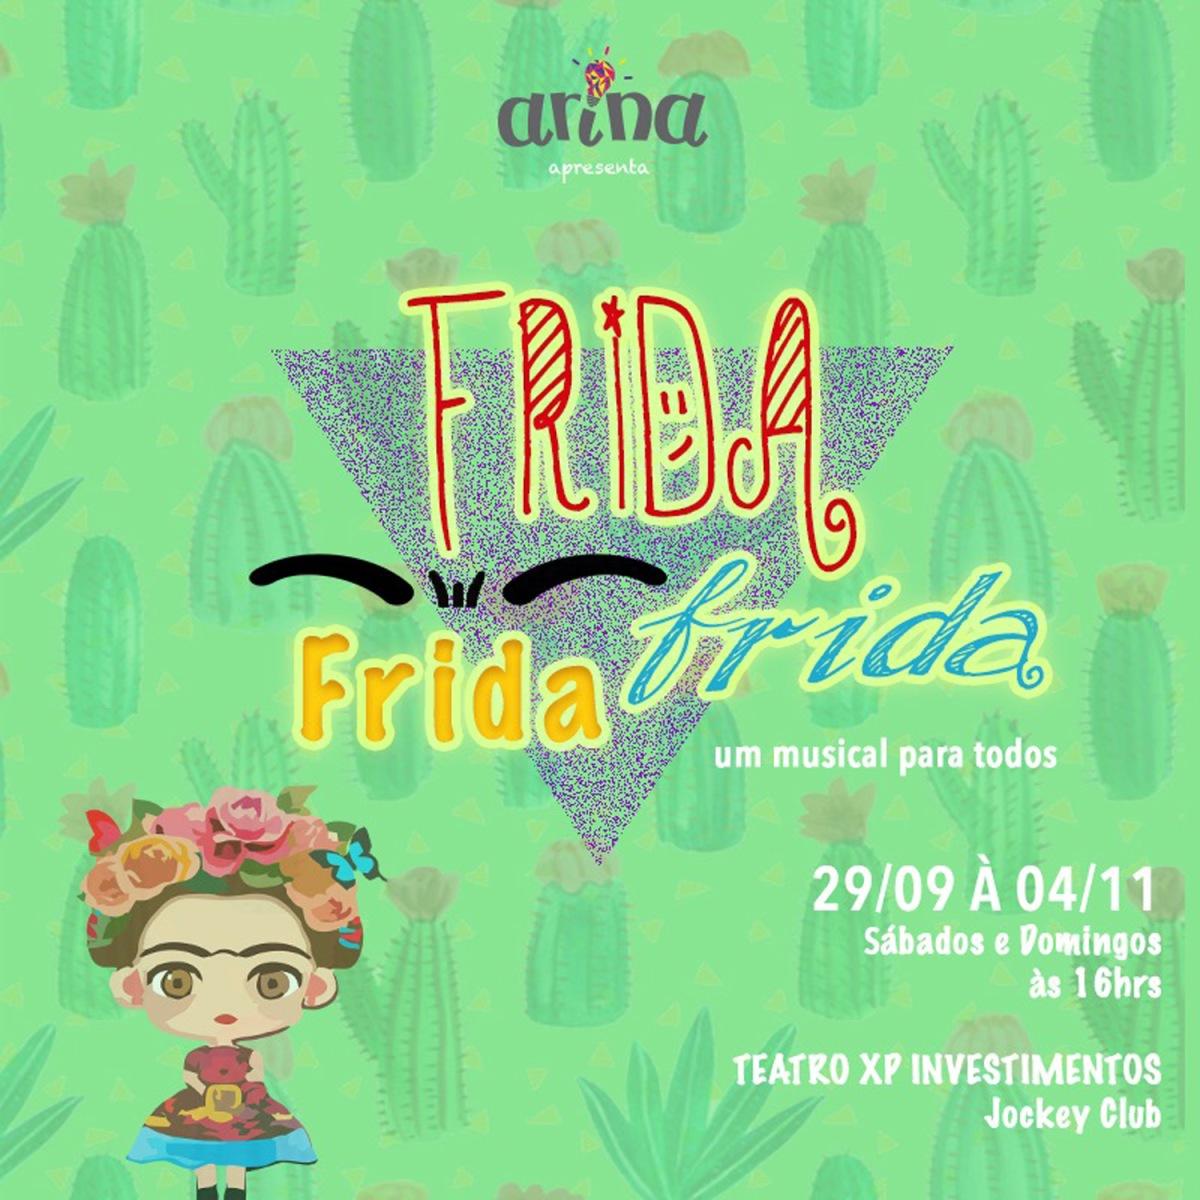 Frida Kahlo é tema de musical infanto-juvenil no RJ